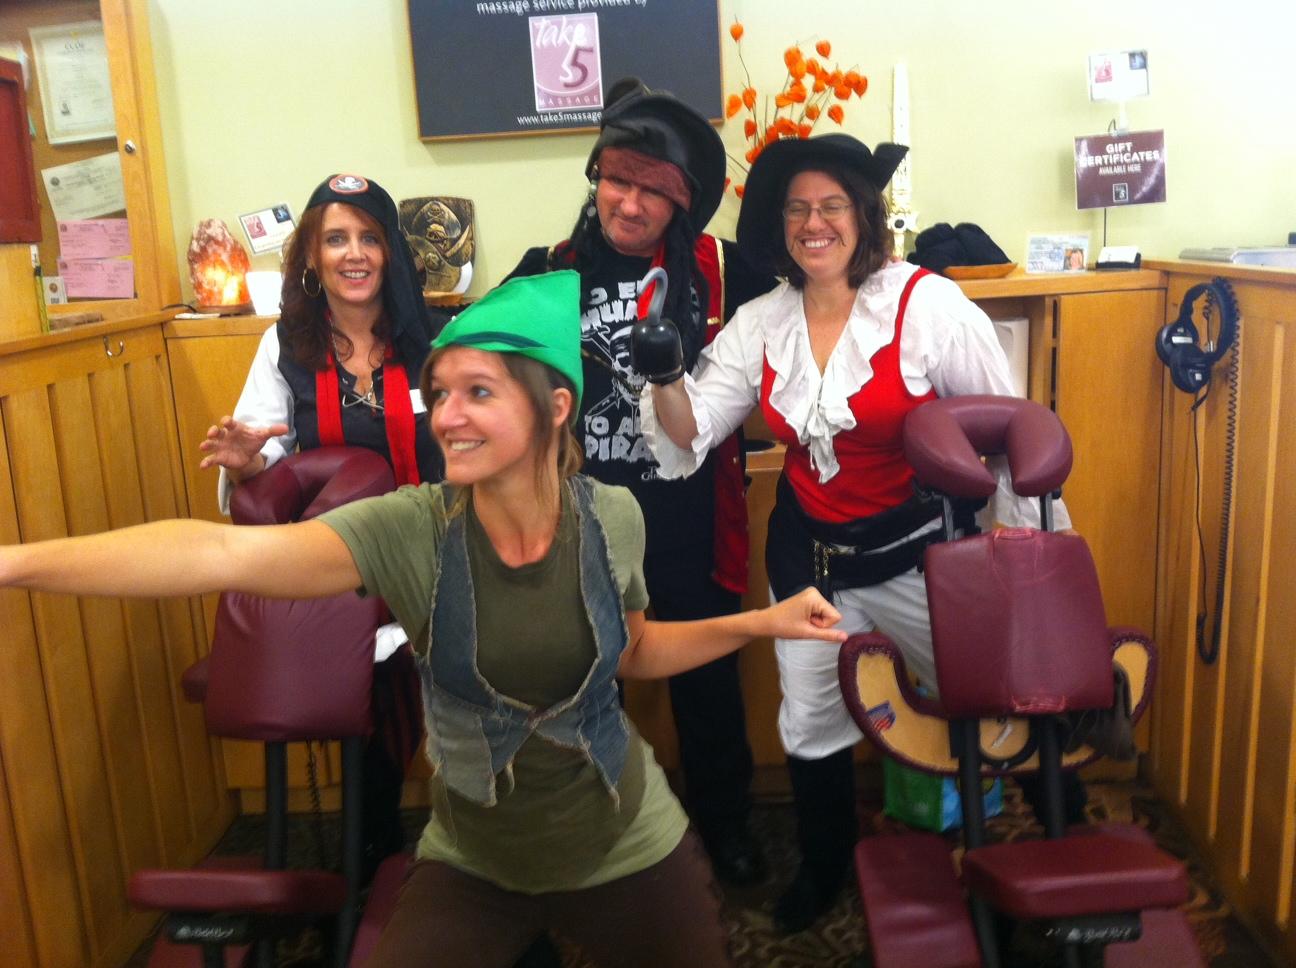 Pirates chasing Peter Pan